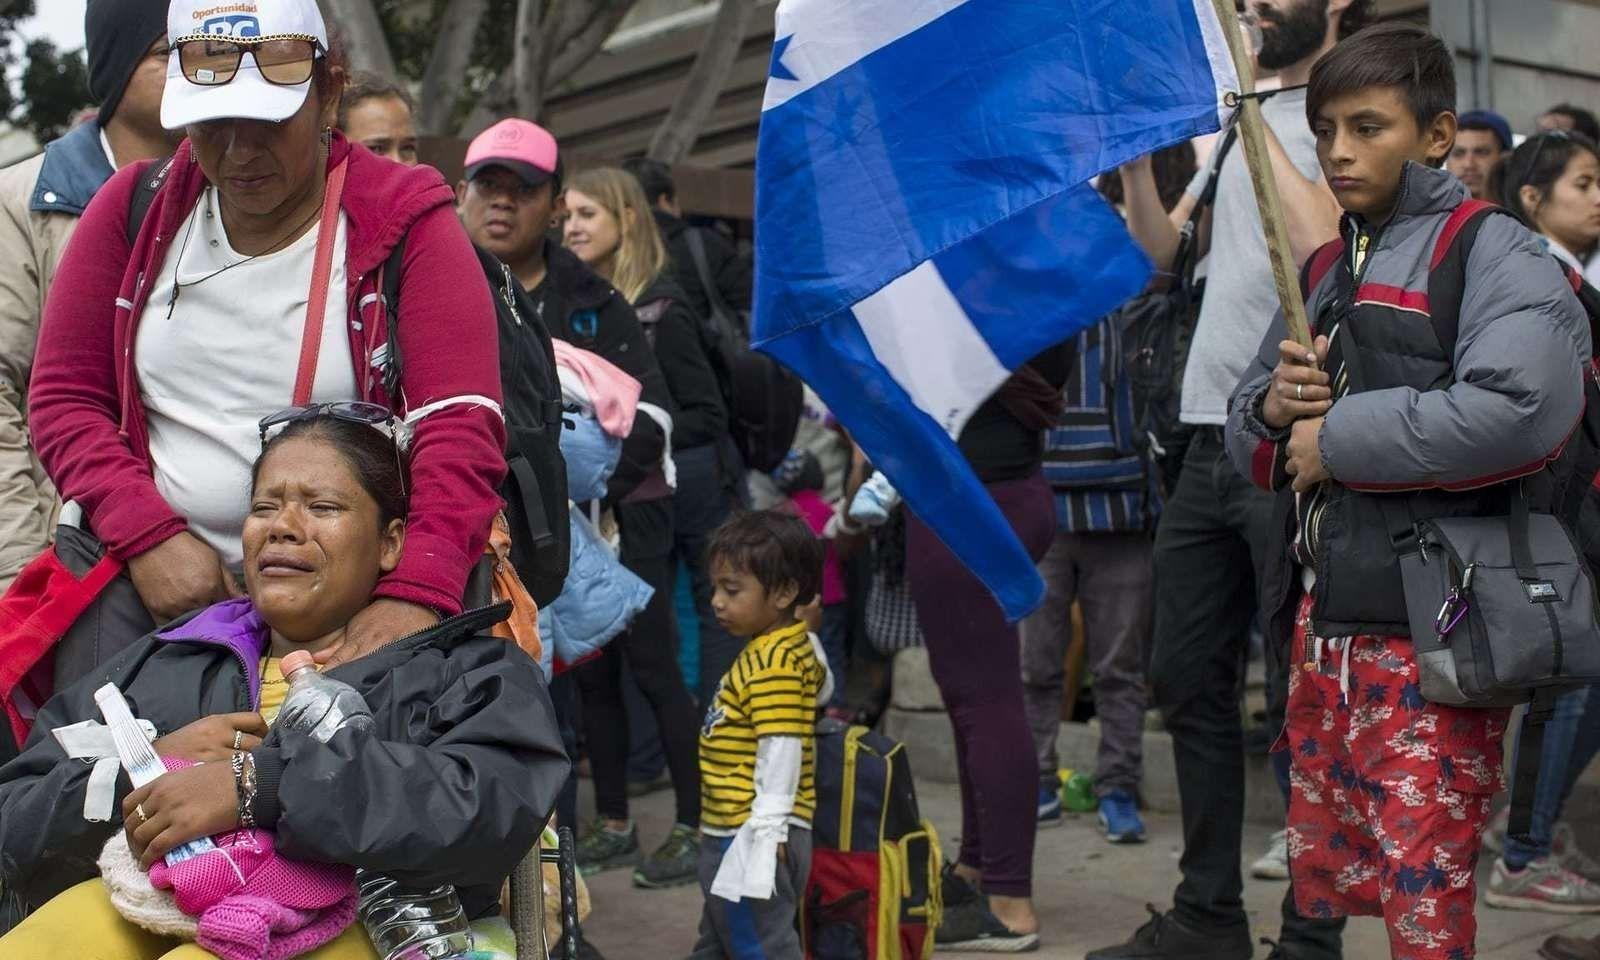 Хүчирхийллээс зугтаж эх орноосоо дүрвэсэн Төв Америкчуудын тоо дээд хэмжээндээ хүрчээ